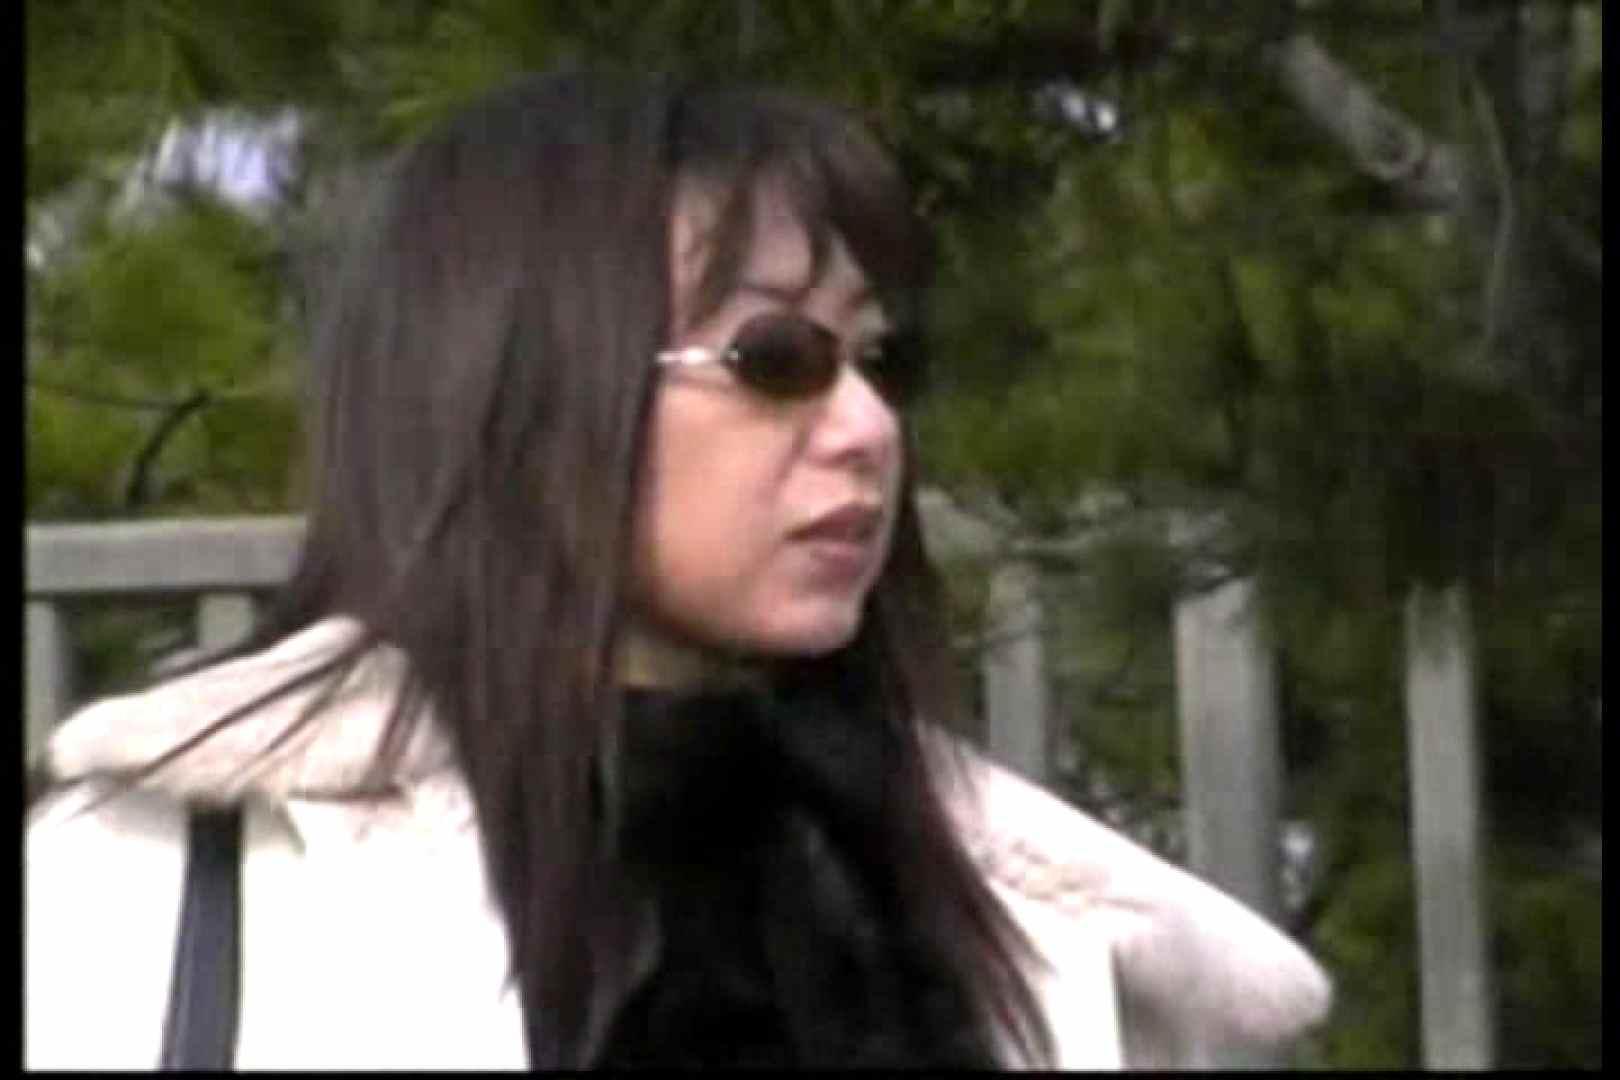 美熟女の野外露出プレイ お色気熟女 アダルト動画キャプチャ 54枚 23